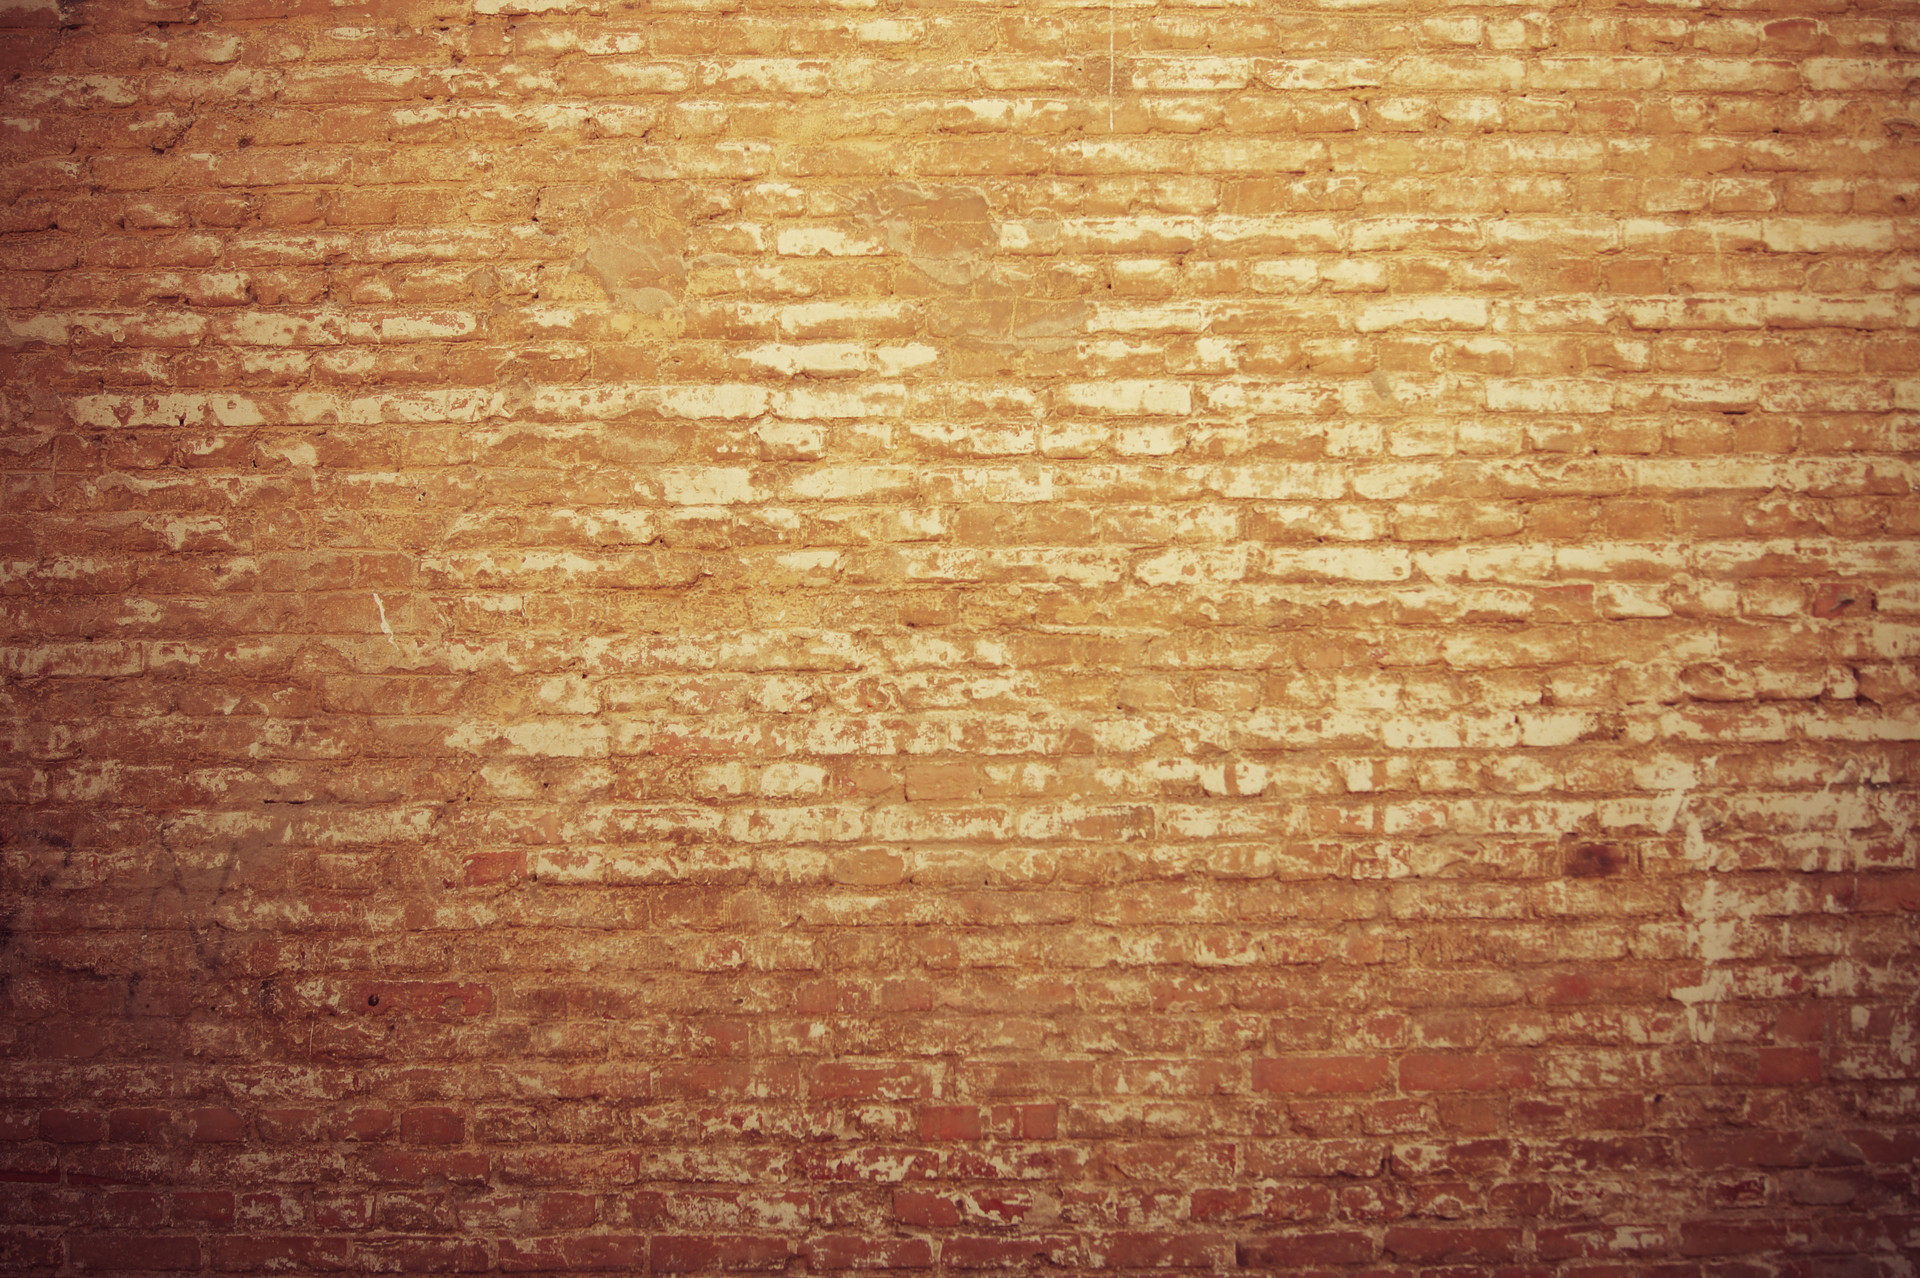 текстура стена плиты без смс